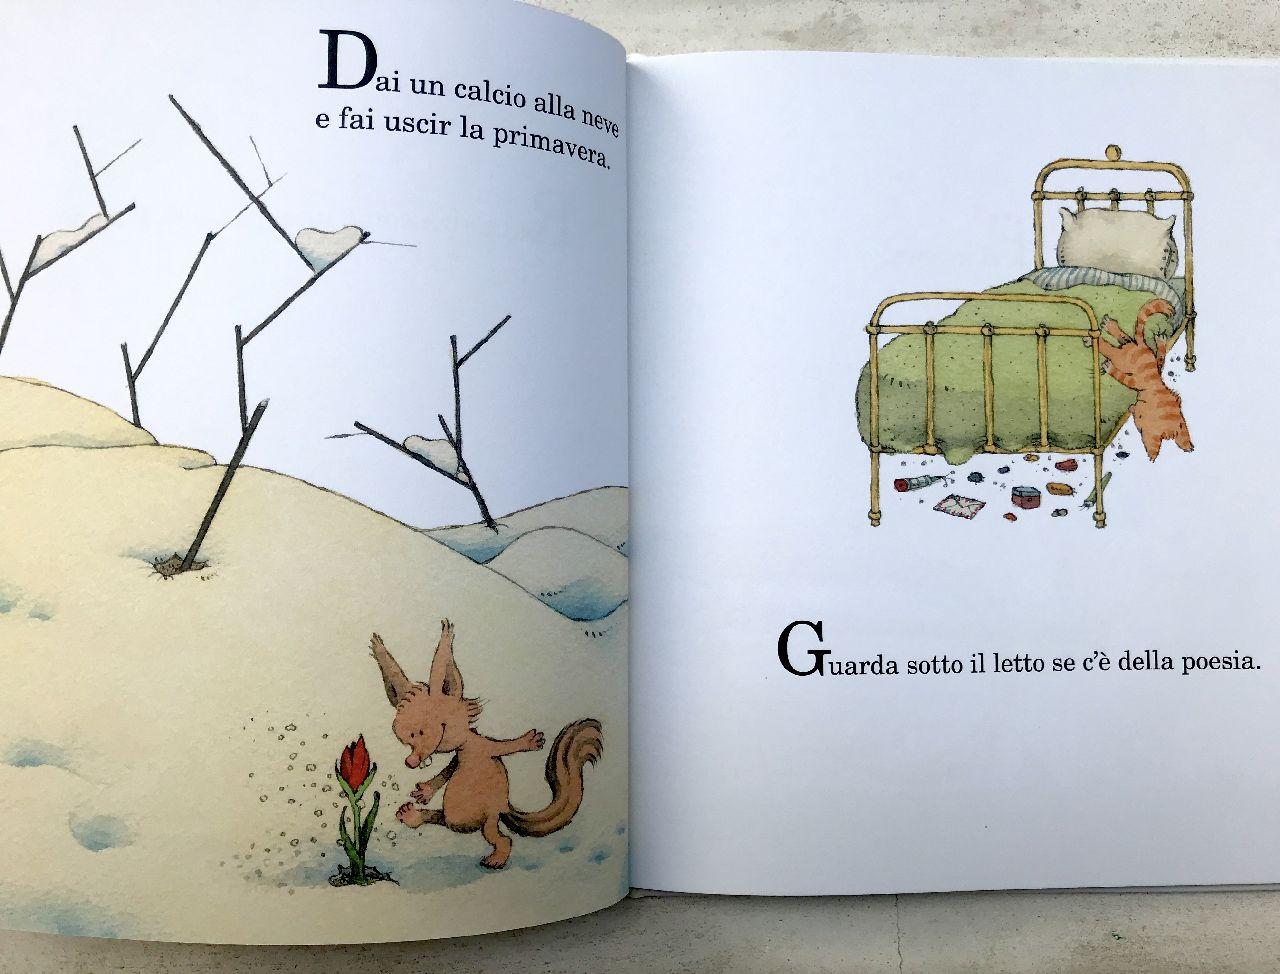 Ruth Krauss - Sergio Ruzzier, Guarda sotto il letto se c'è della poesia, Topipittori